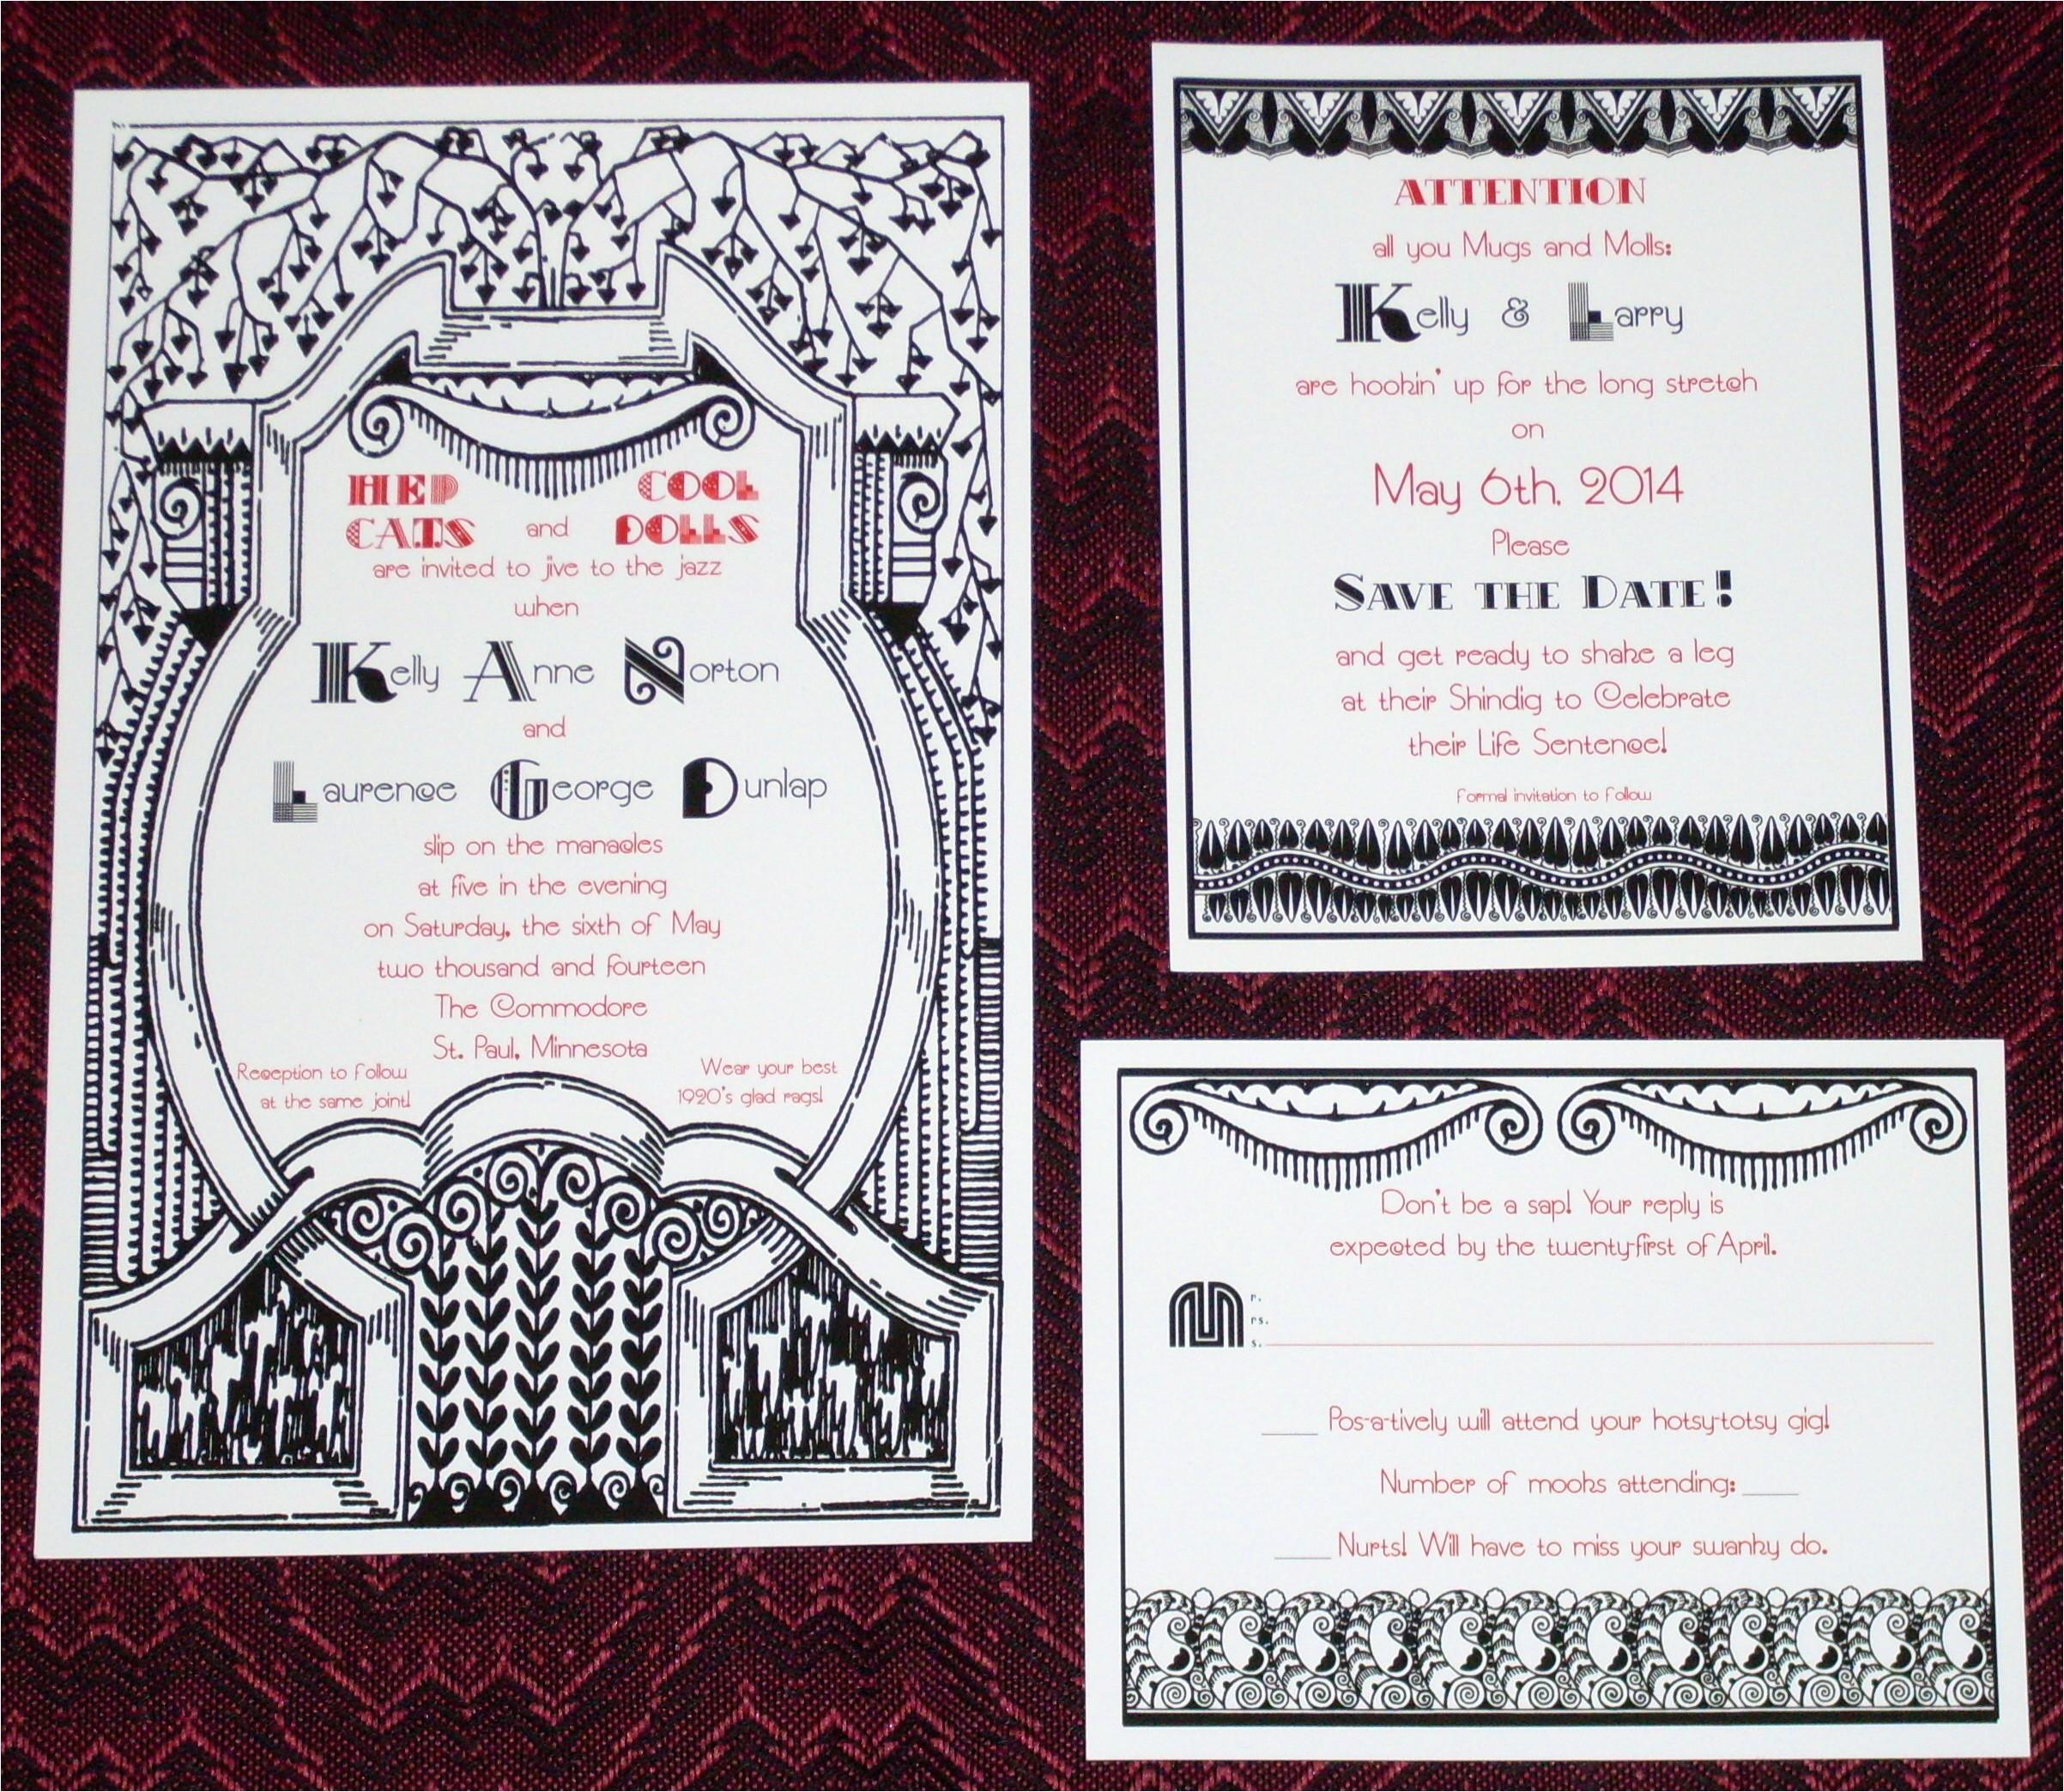 1920s party invites